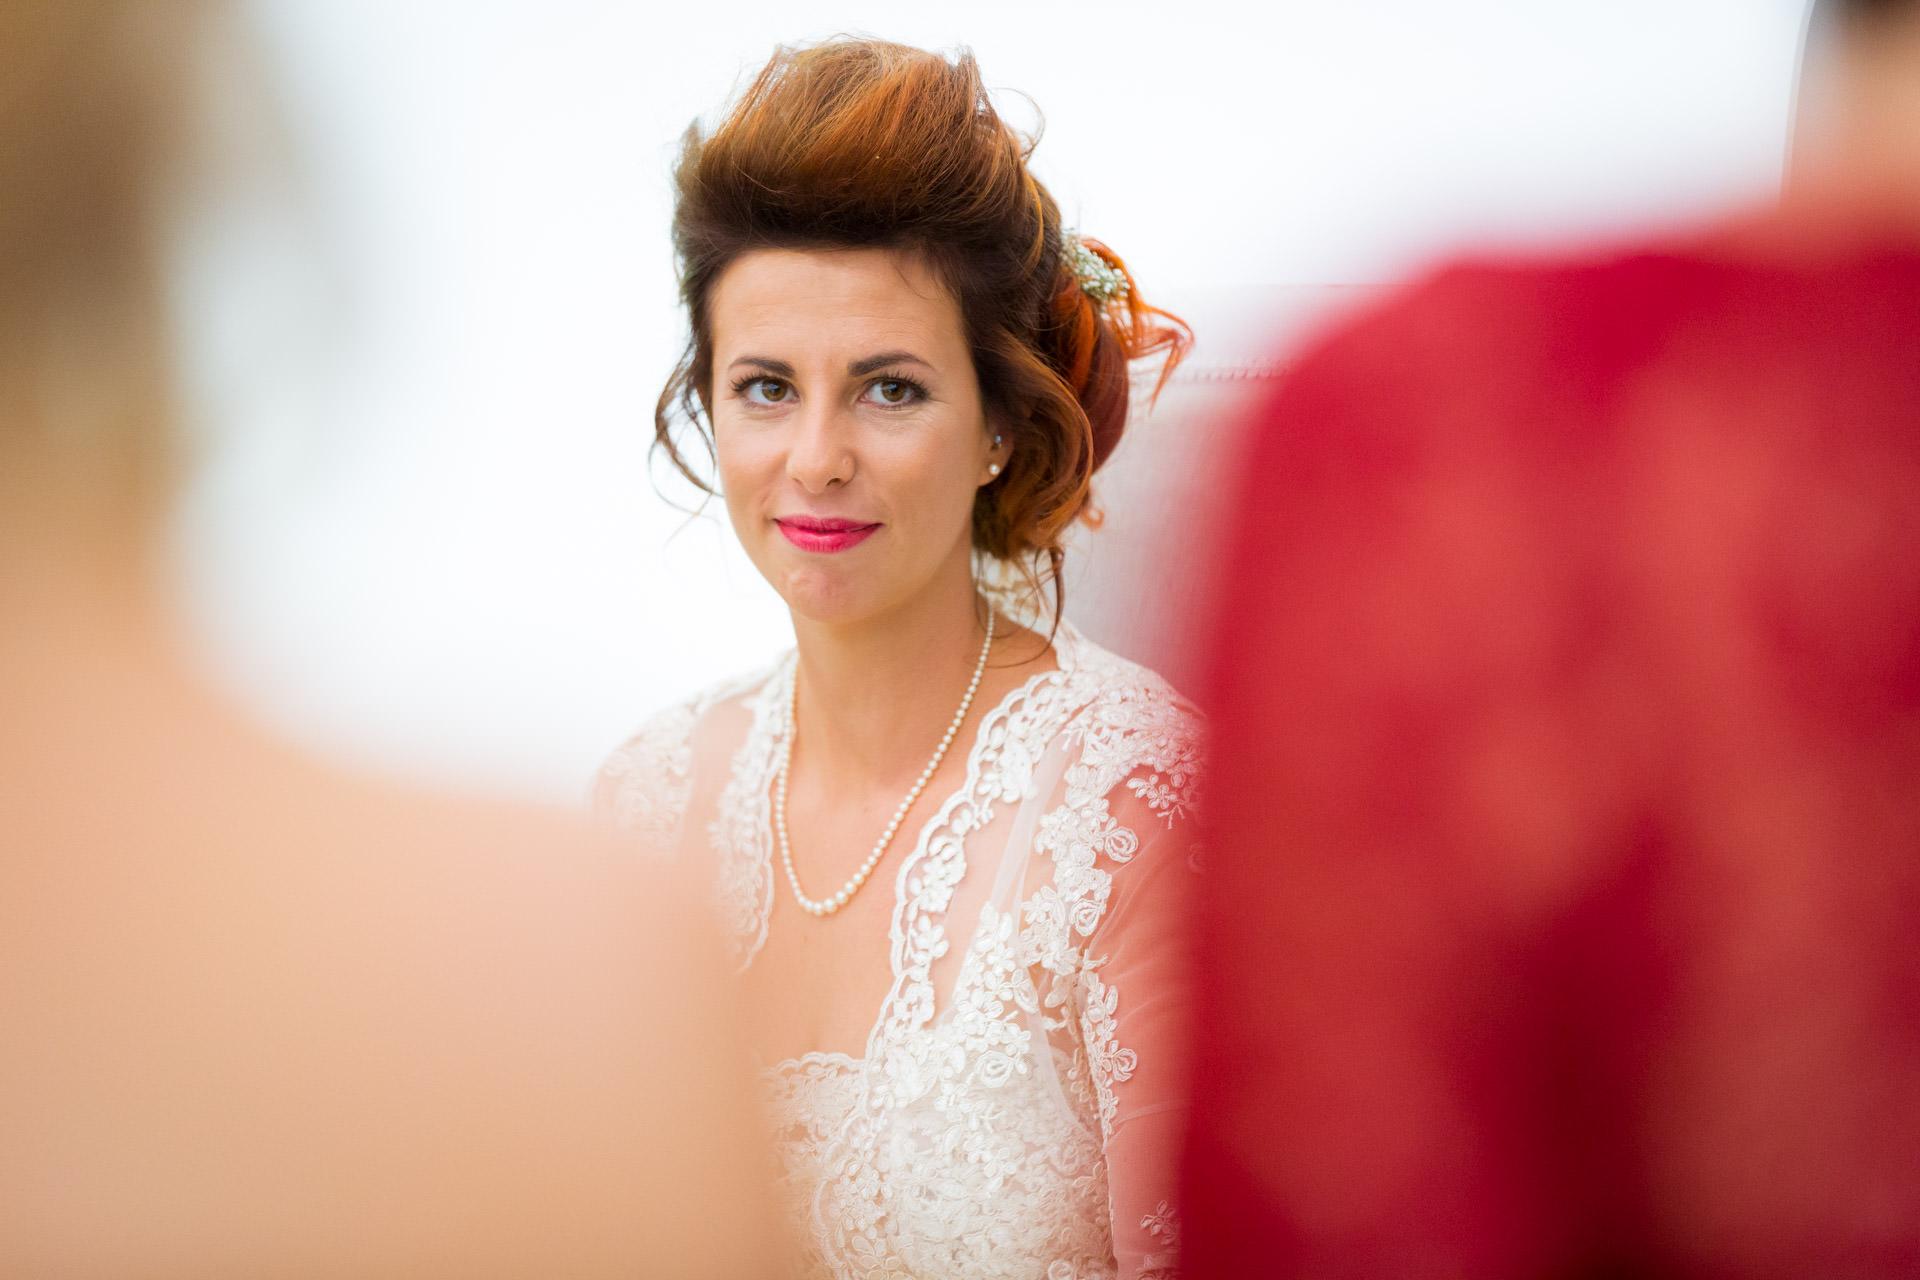 Photographe de Mariage Rock the bride